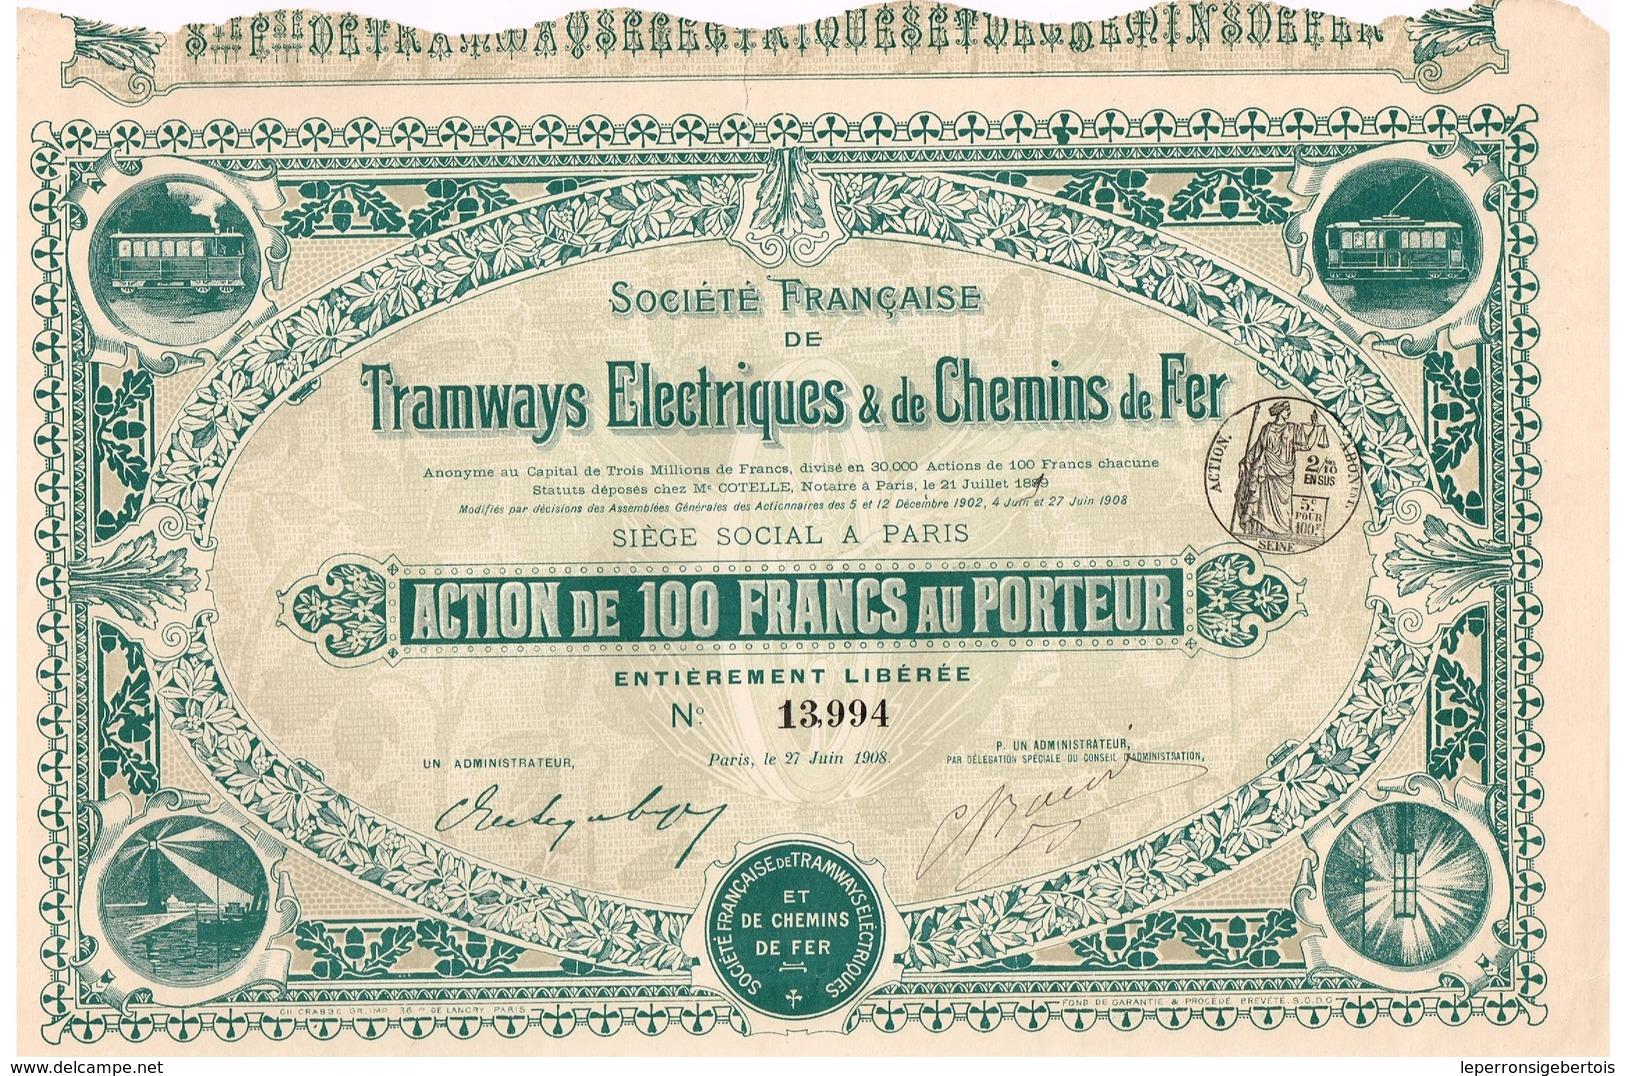 Action Ancienne - Société Française De Tramways Electriques & De Chemins De Fer -Titre De 1908 - N° 13994 - Chemin De Fer & Tramway